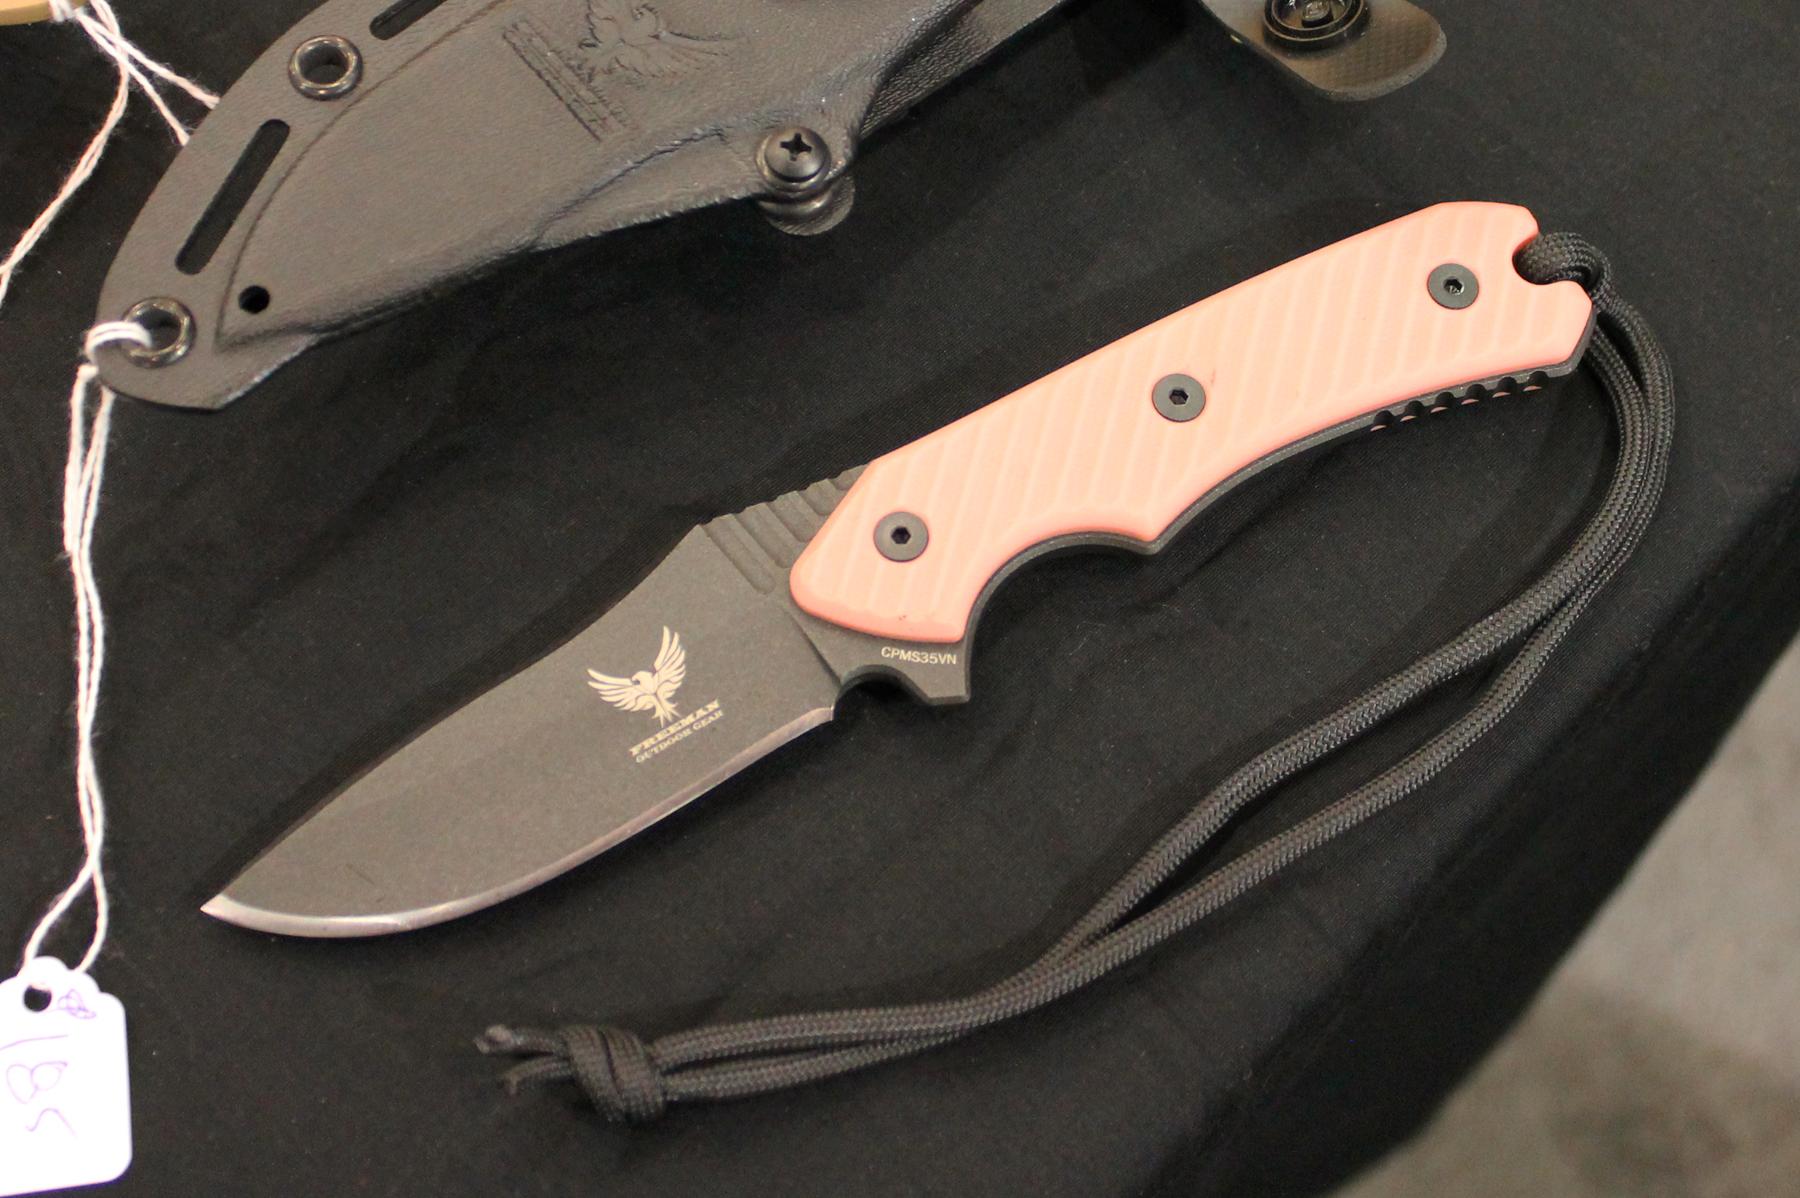 Freeman 451 Knife Pink